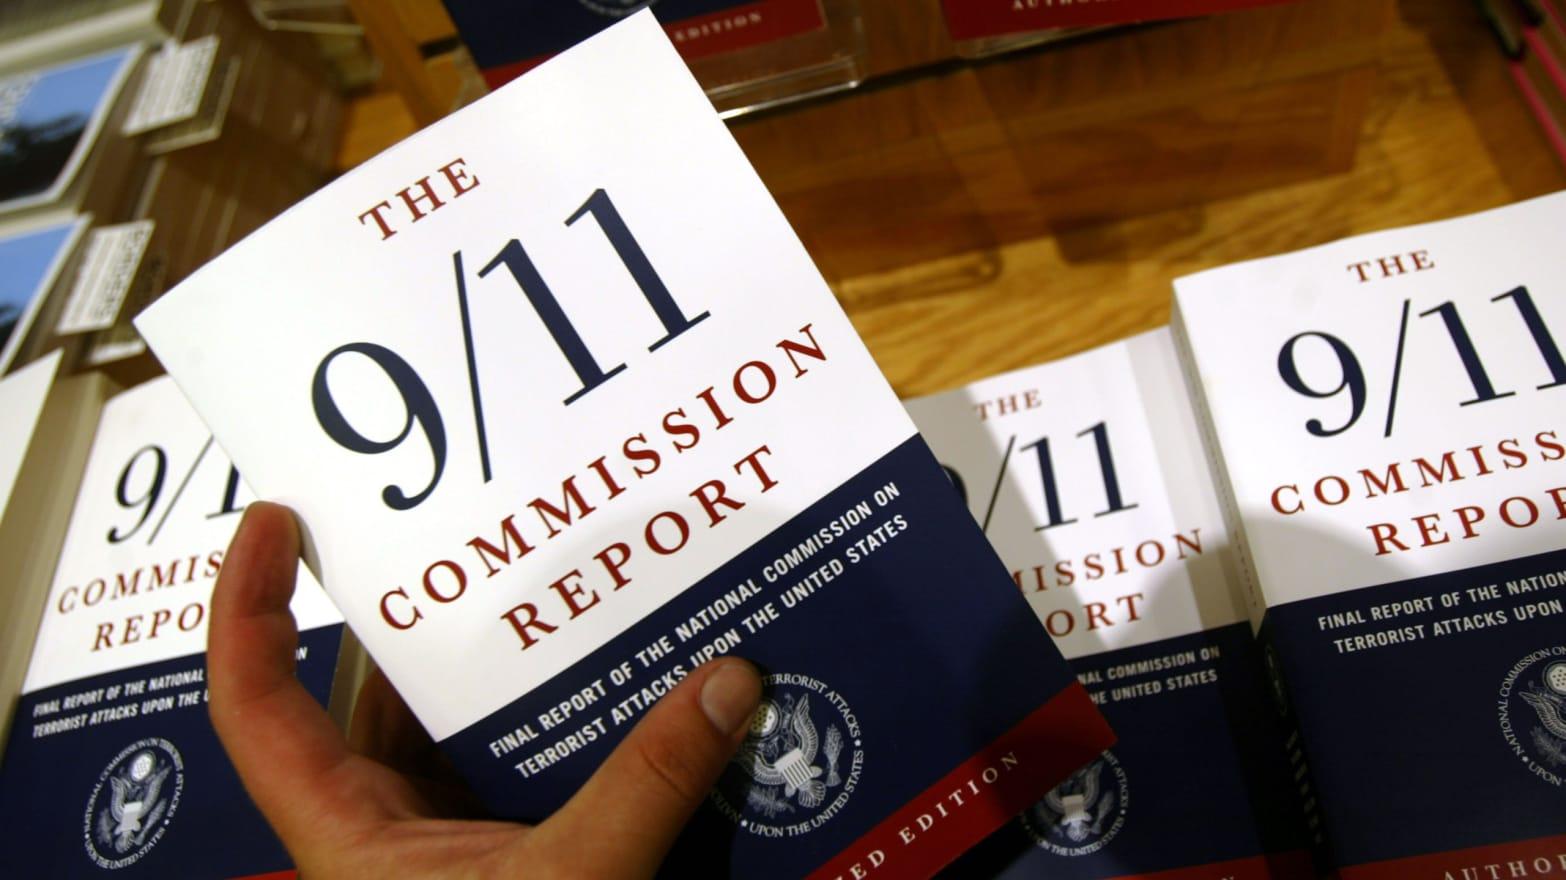 9/11 Commission